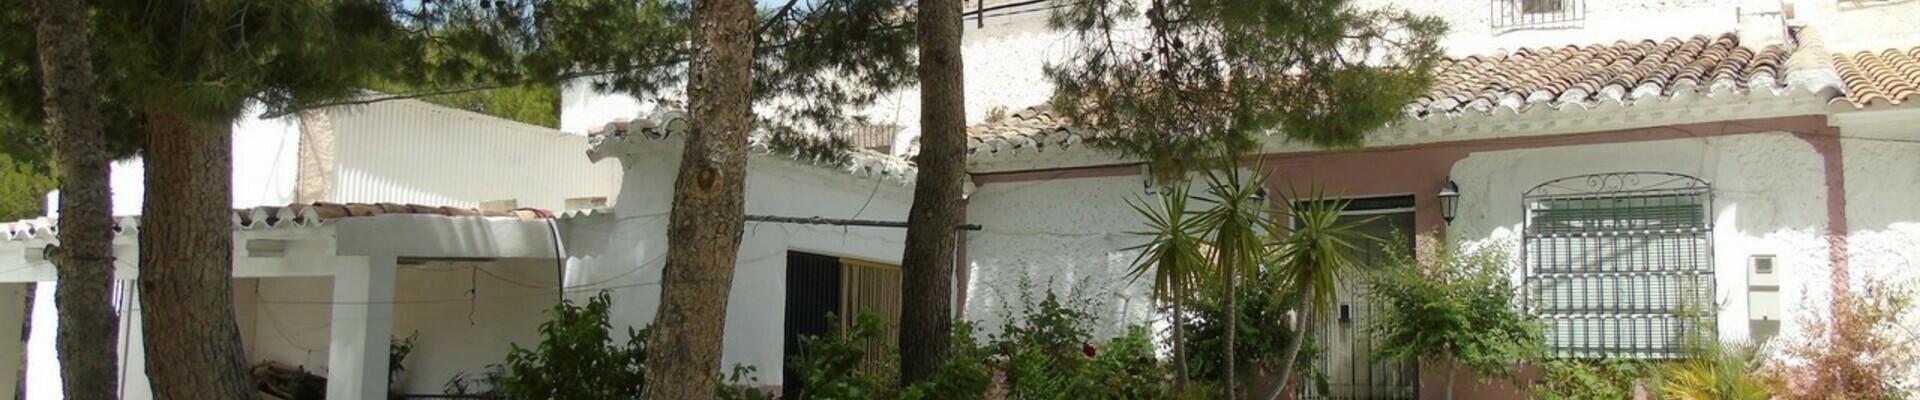 AF557: 4 Bedroom Cortijo for Sale